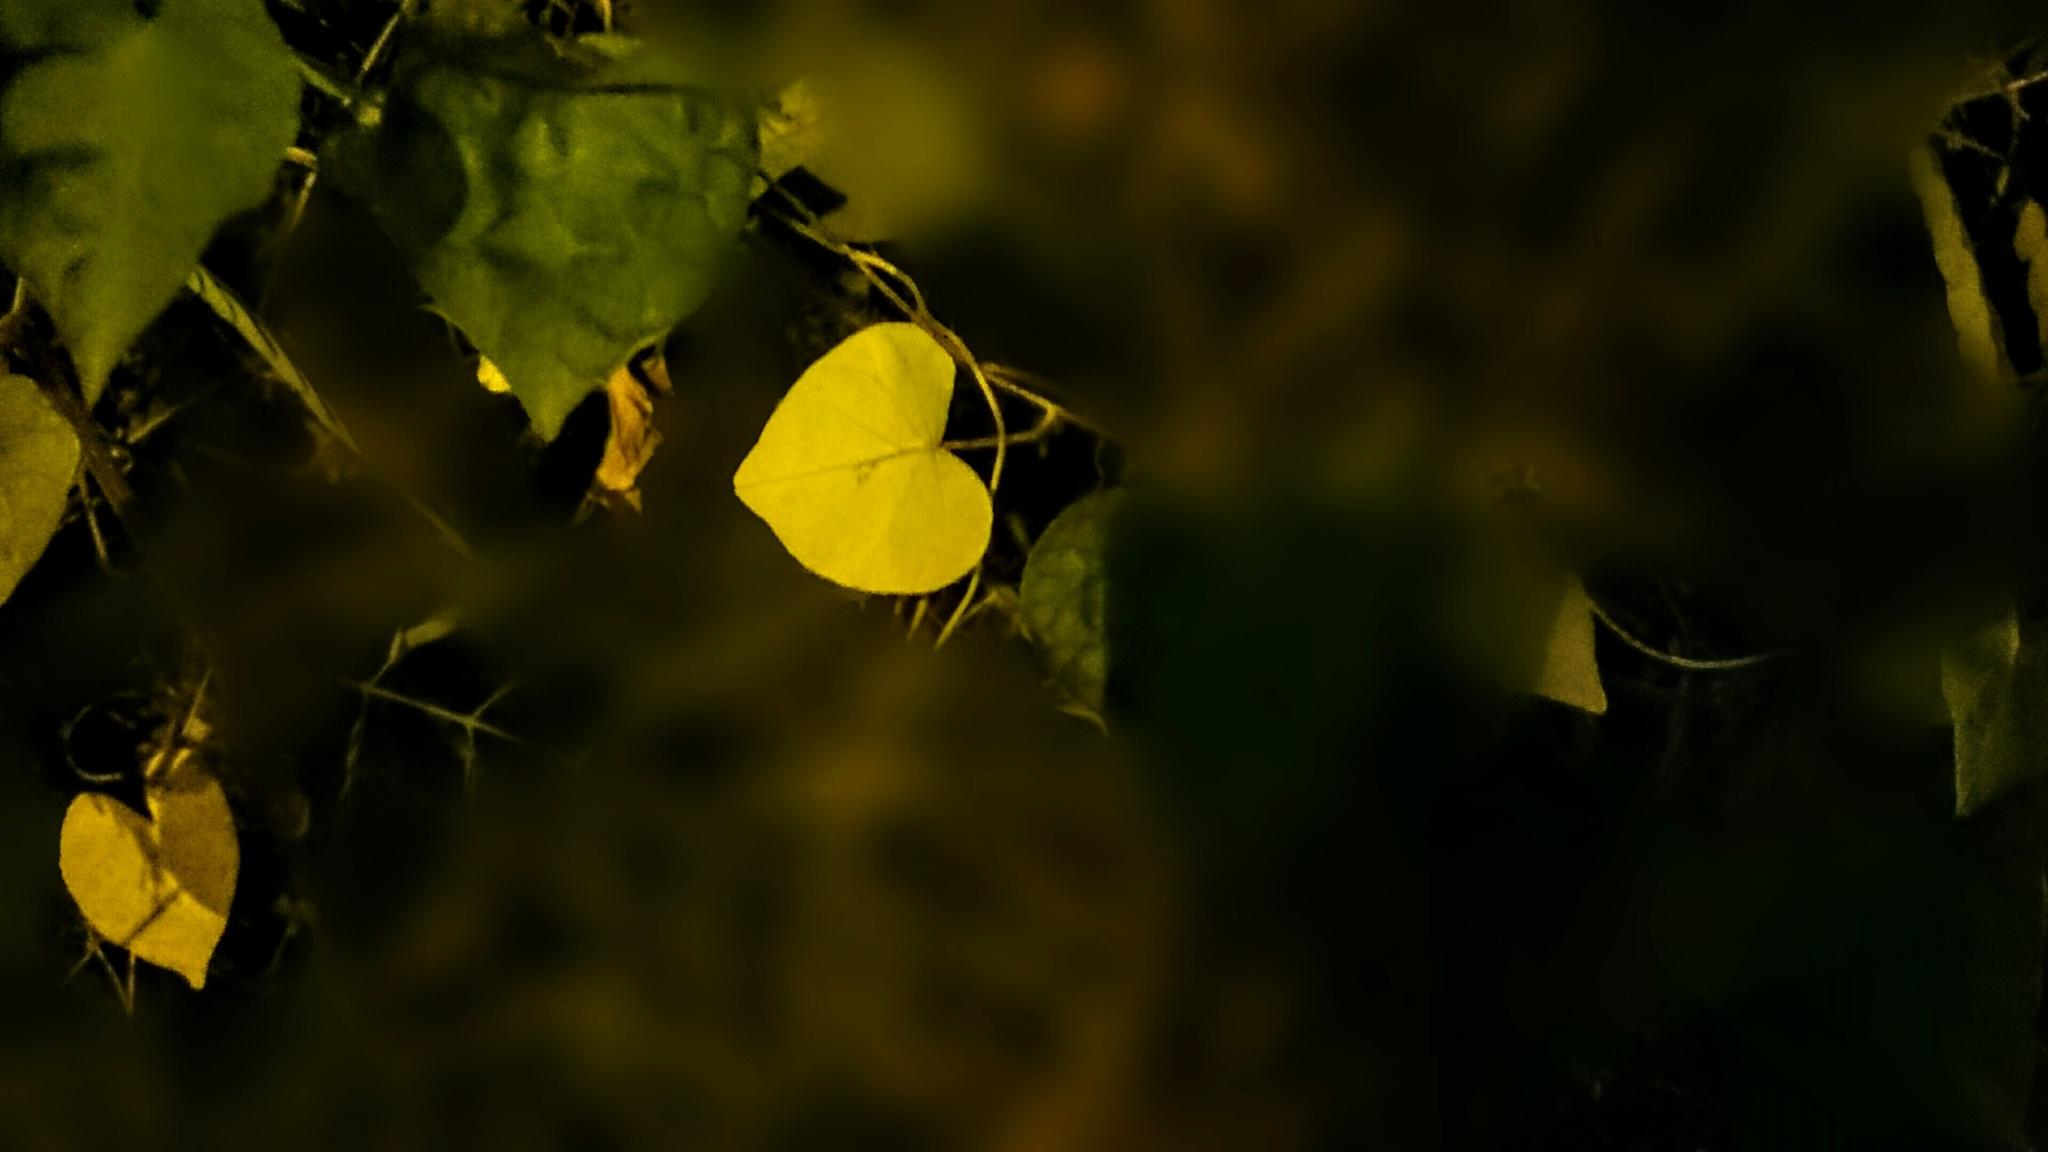 Heart shaped leaf  by falsparsh